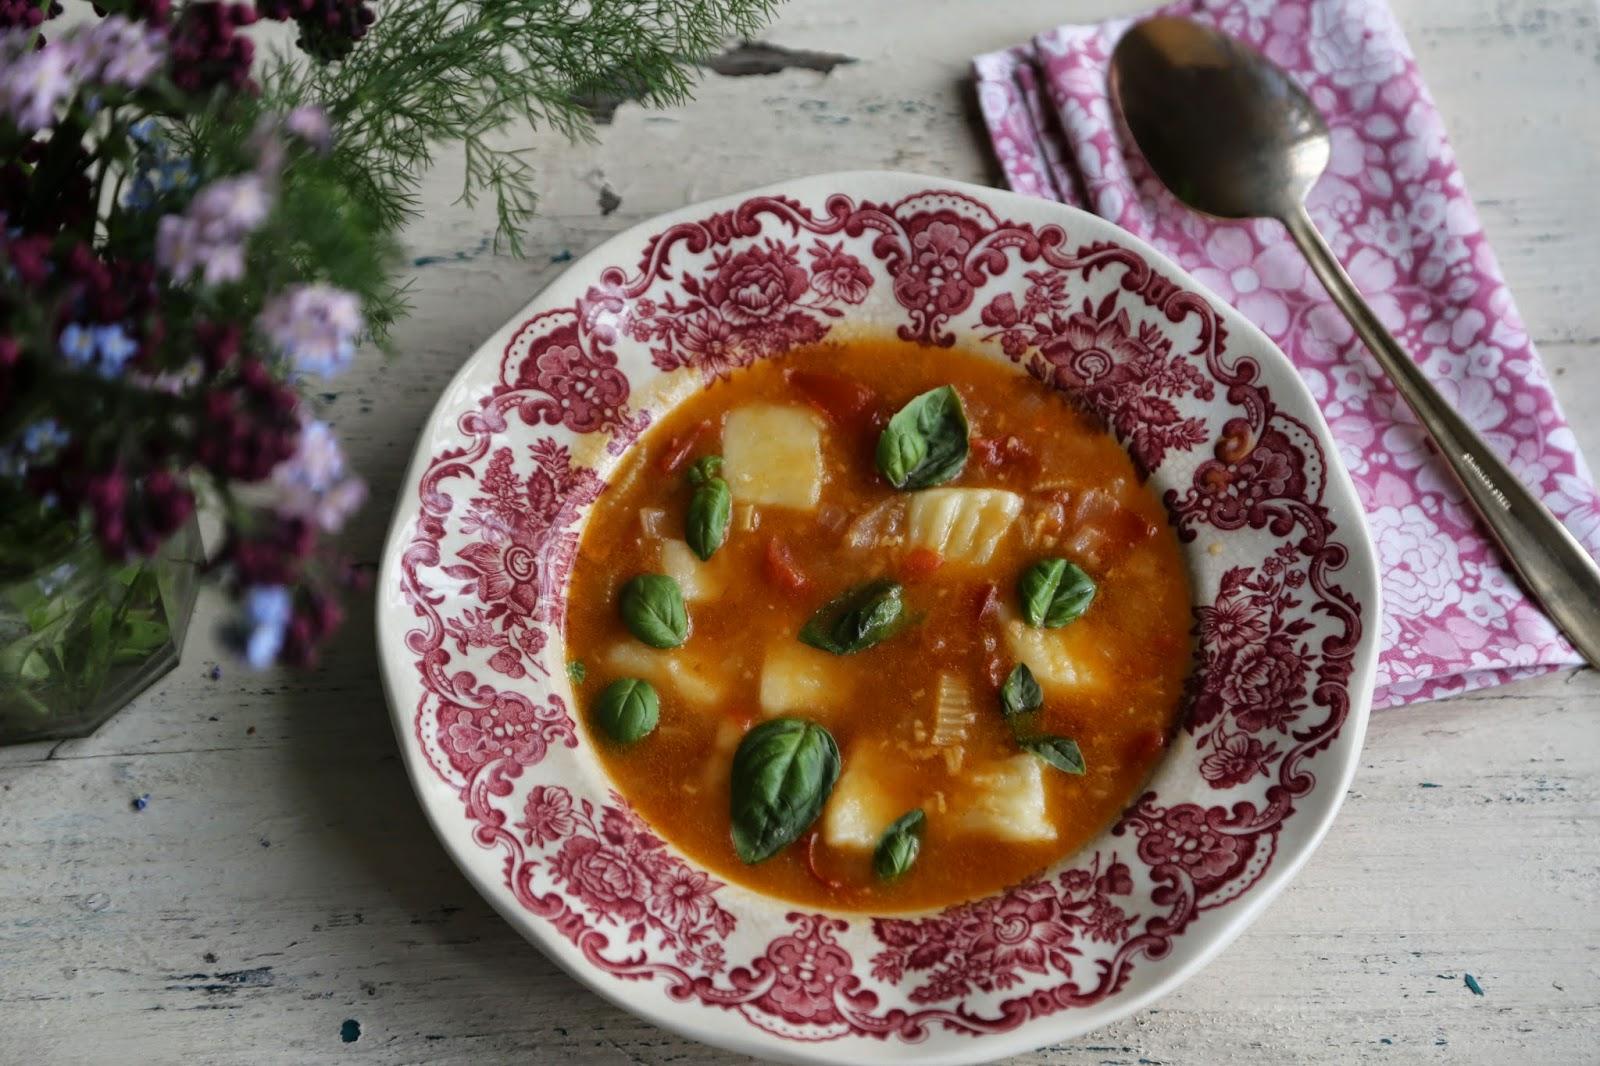 Gluten free gnocchi in tomato/basil broth